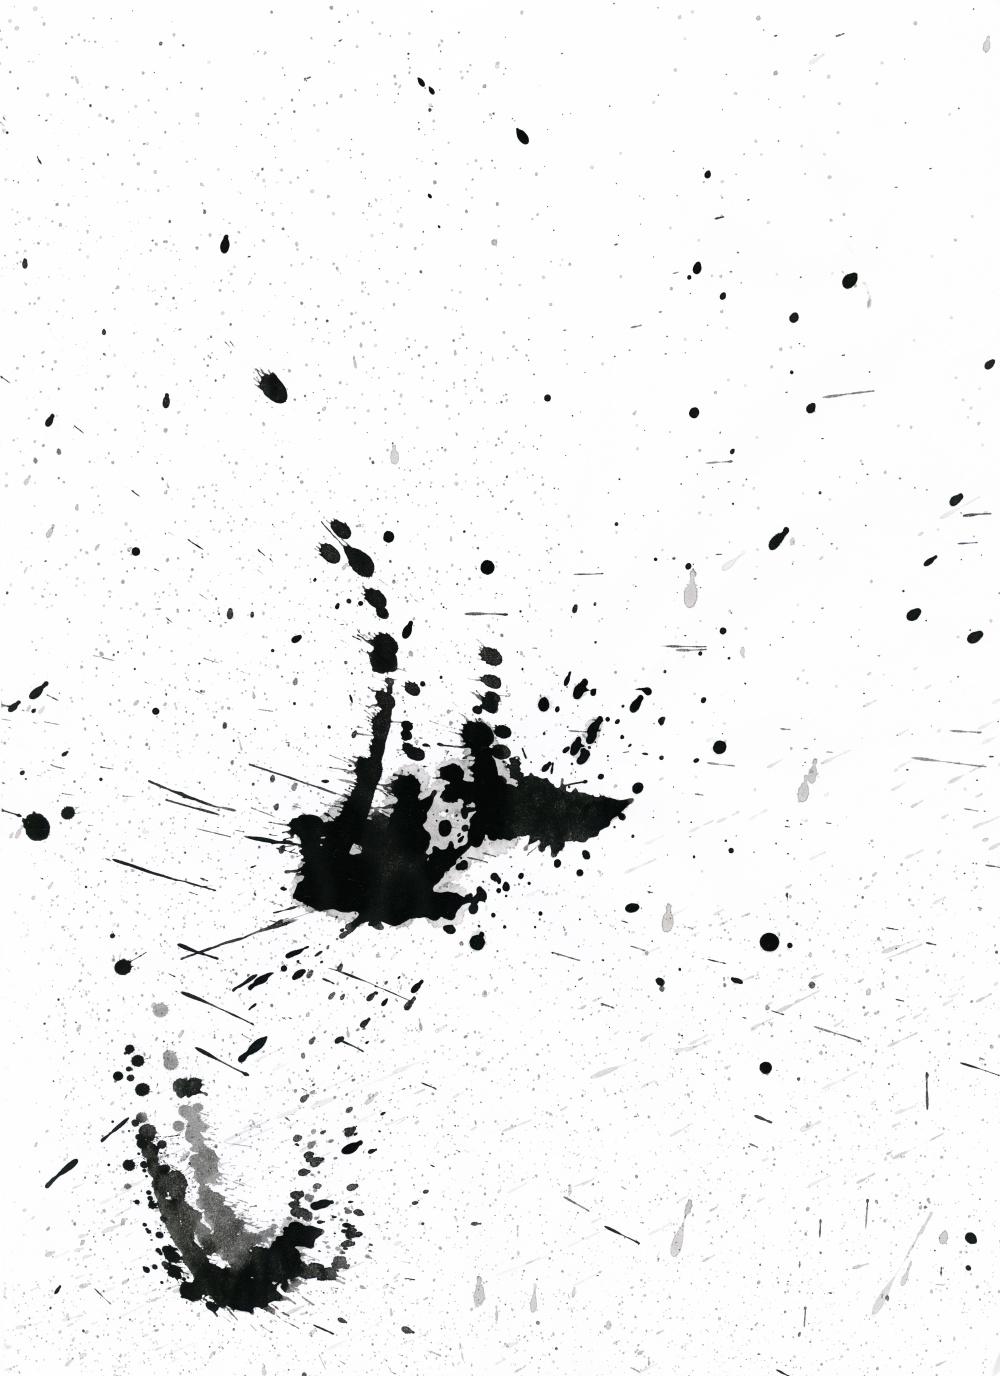 Ink Splatter 08 by Loadus